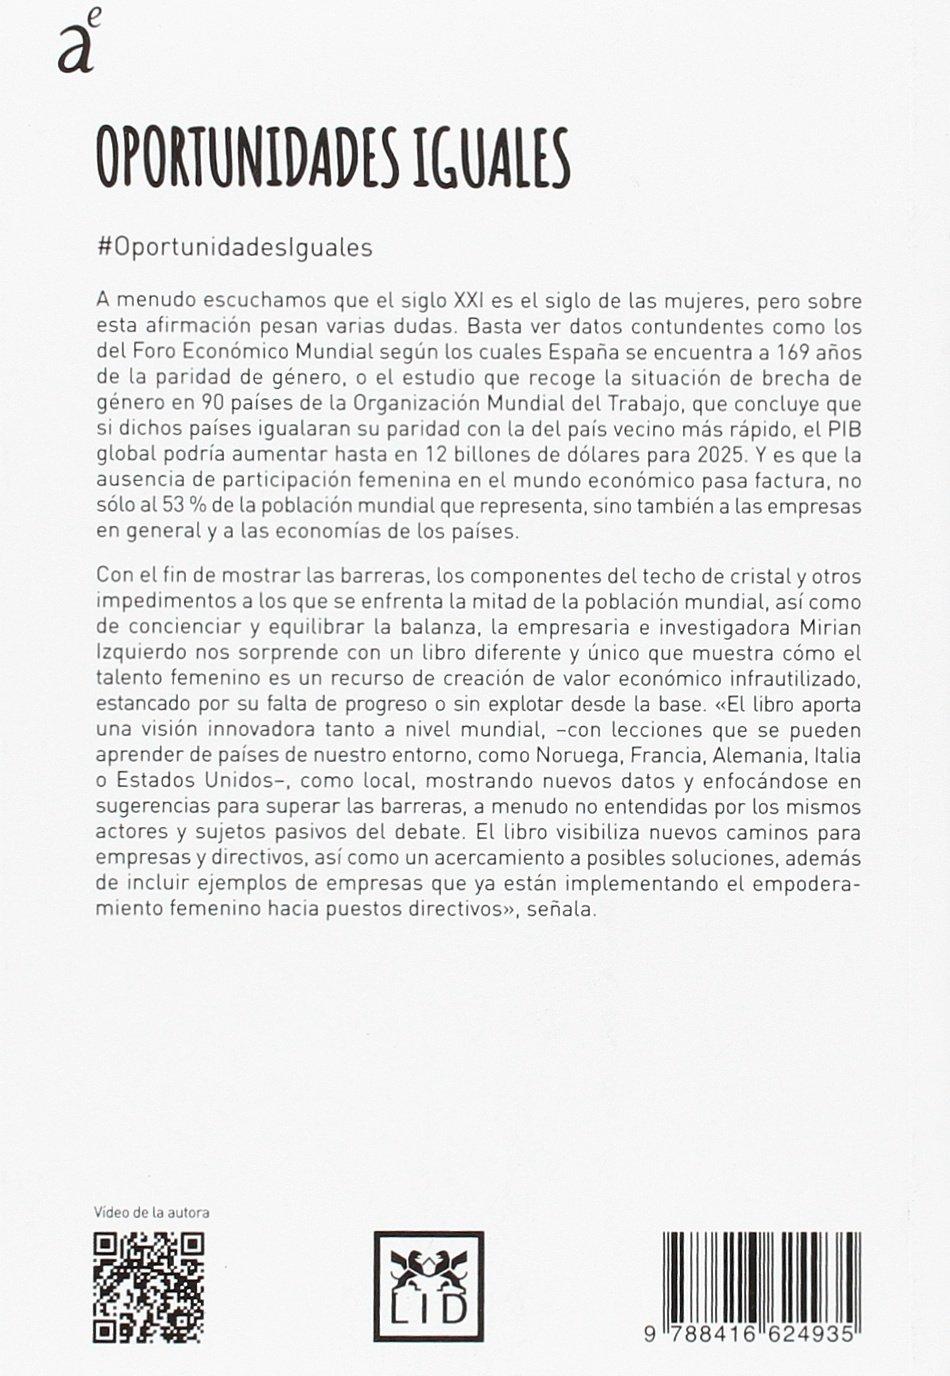 Oportunidades iguales (colección acción empresarial): Amazon.es: Mirian Izquierdo Barriuso: Libros